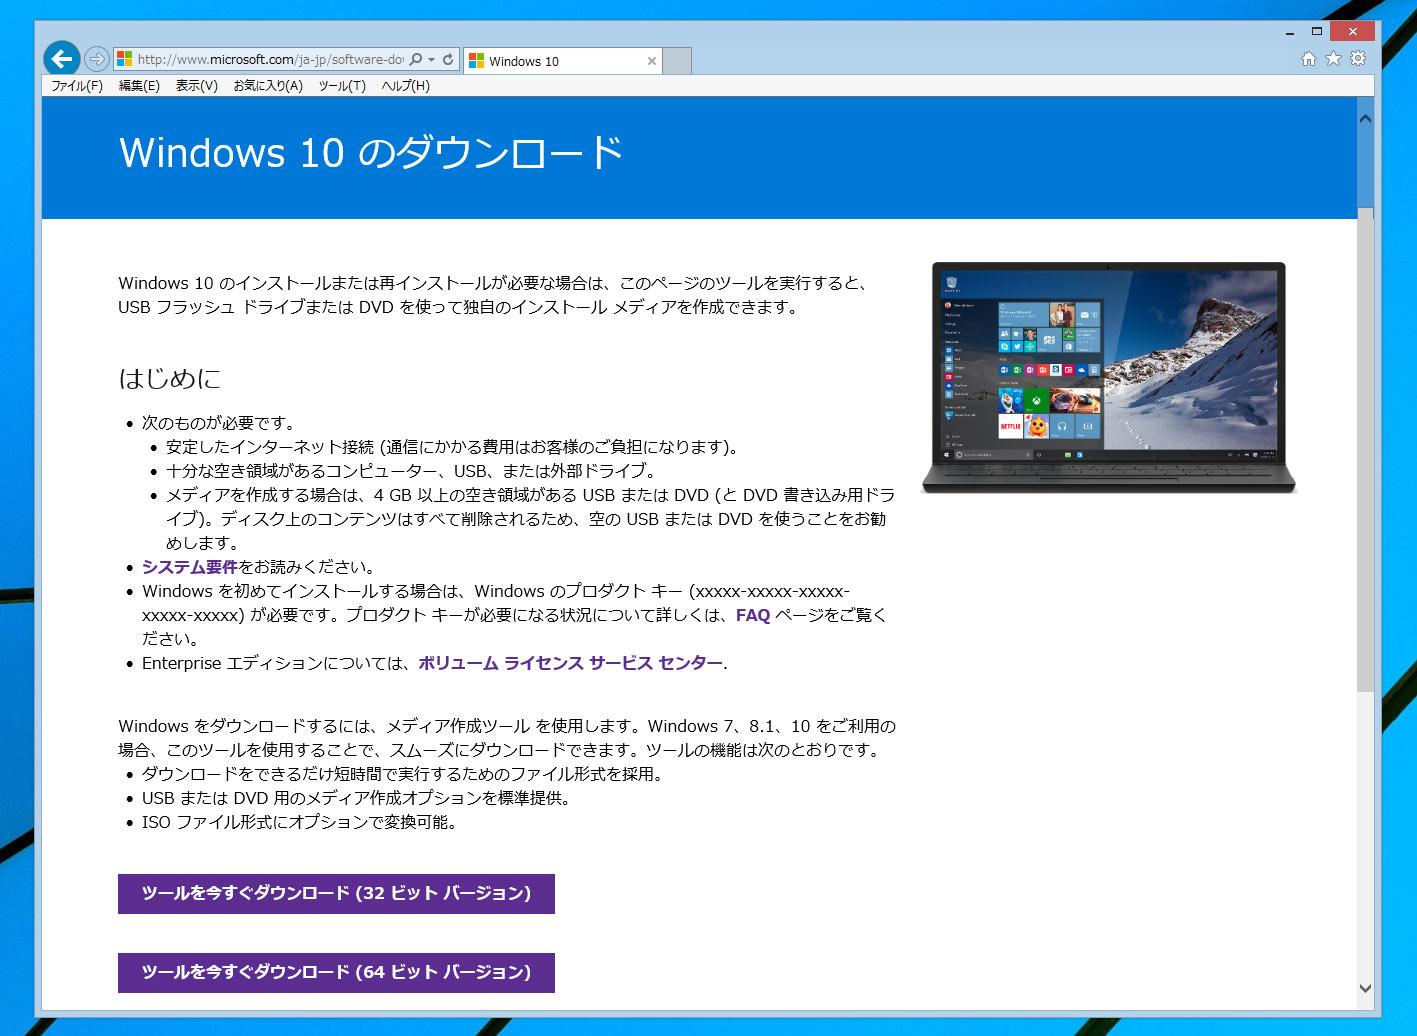 Windows 10 のISOファイルのダウンロード